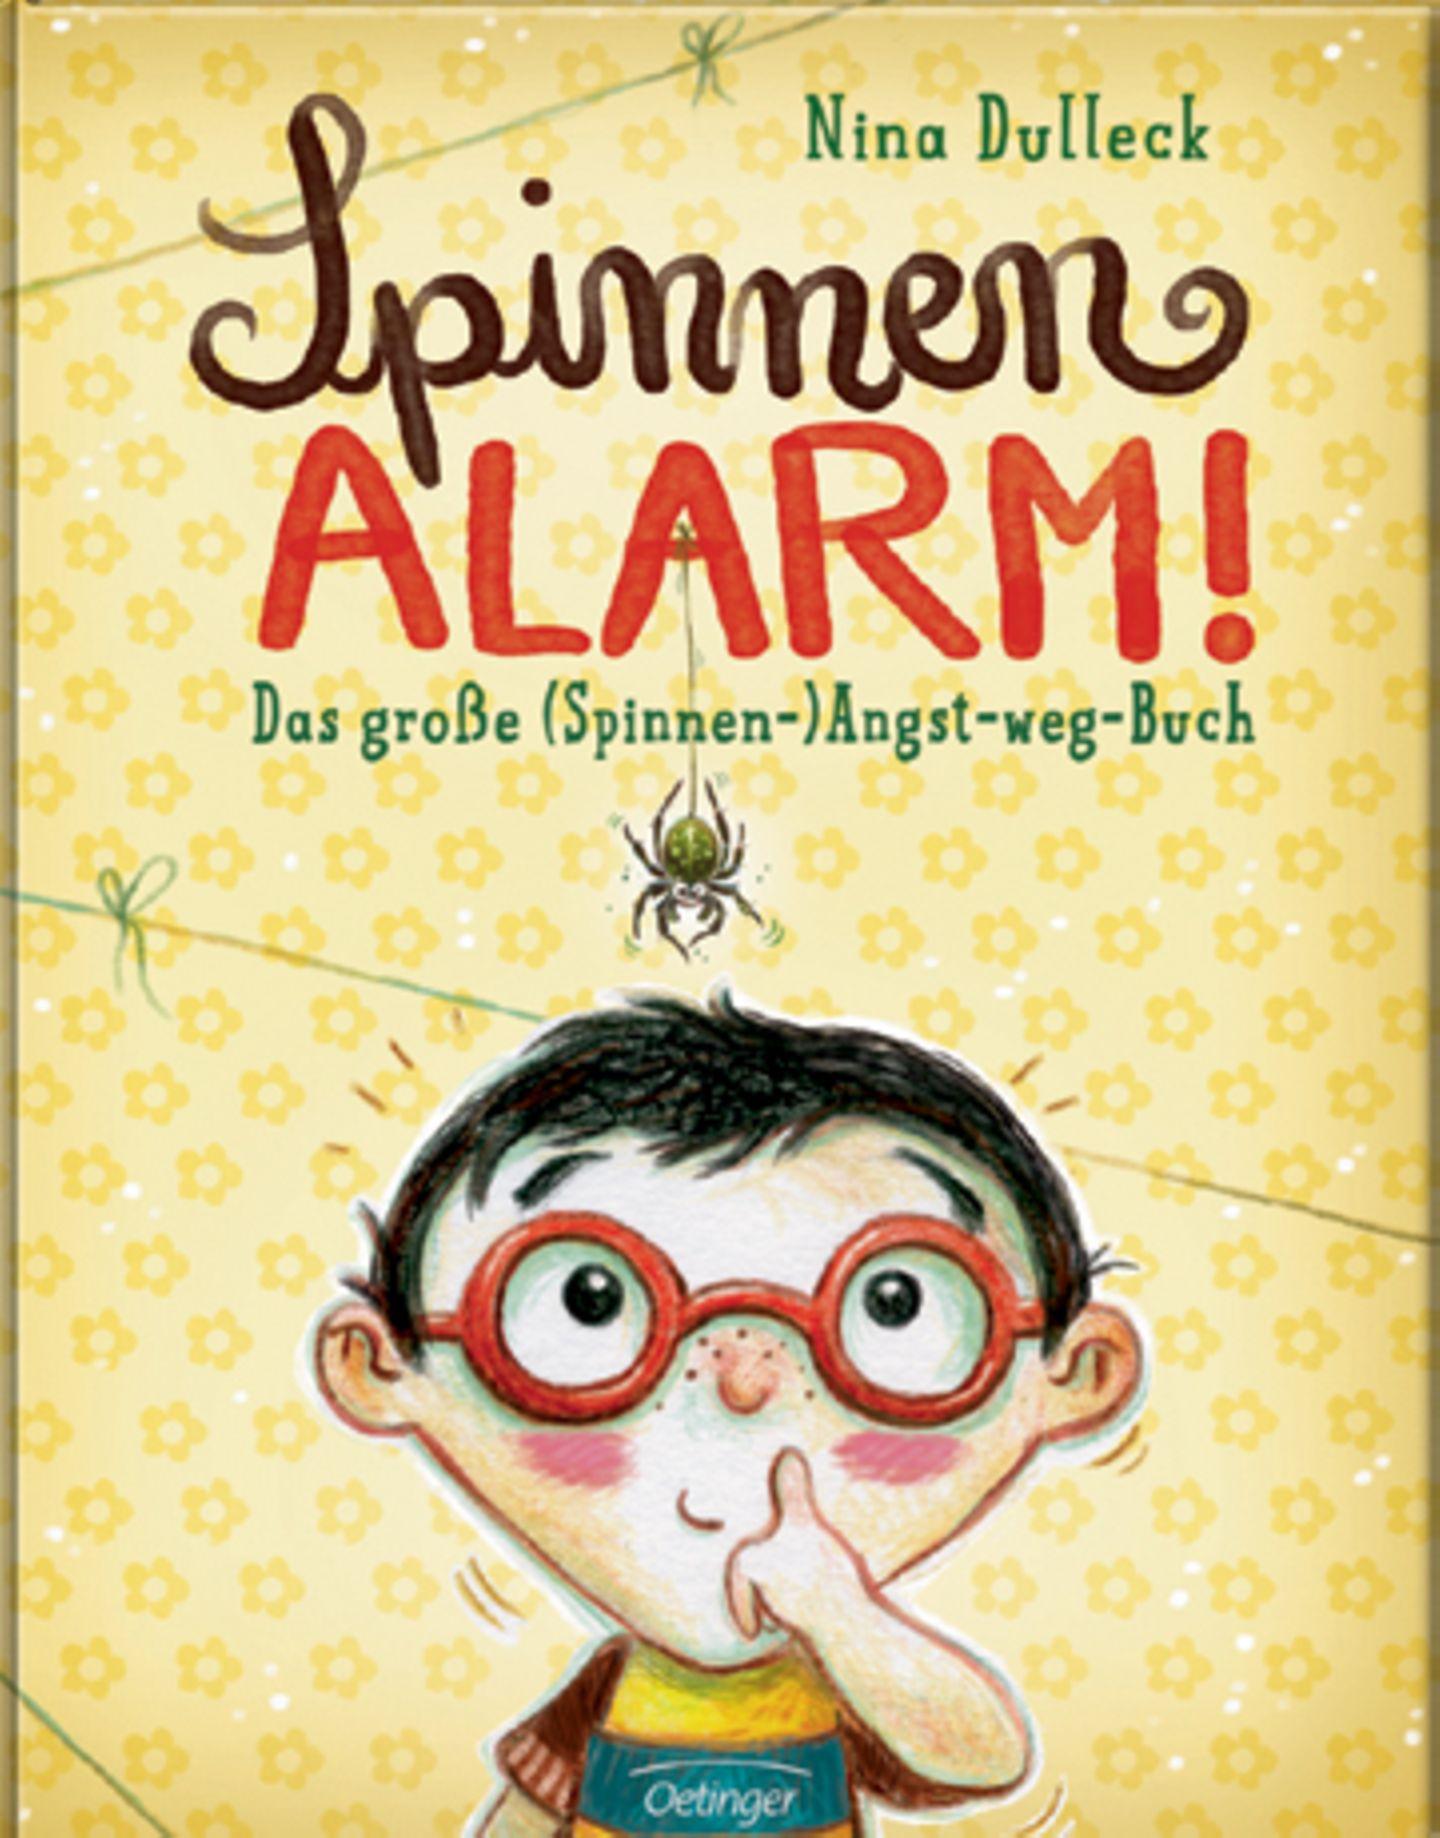 Literaturempfehlung: Spinnenalarm!